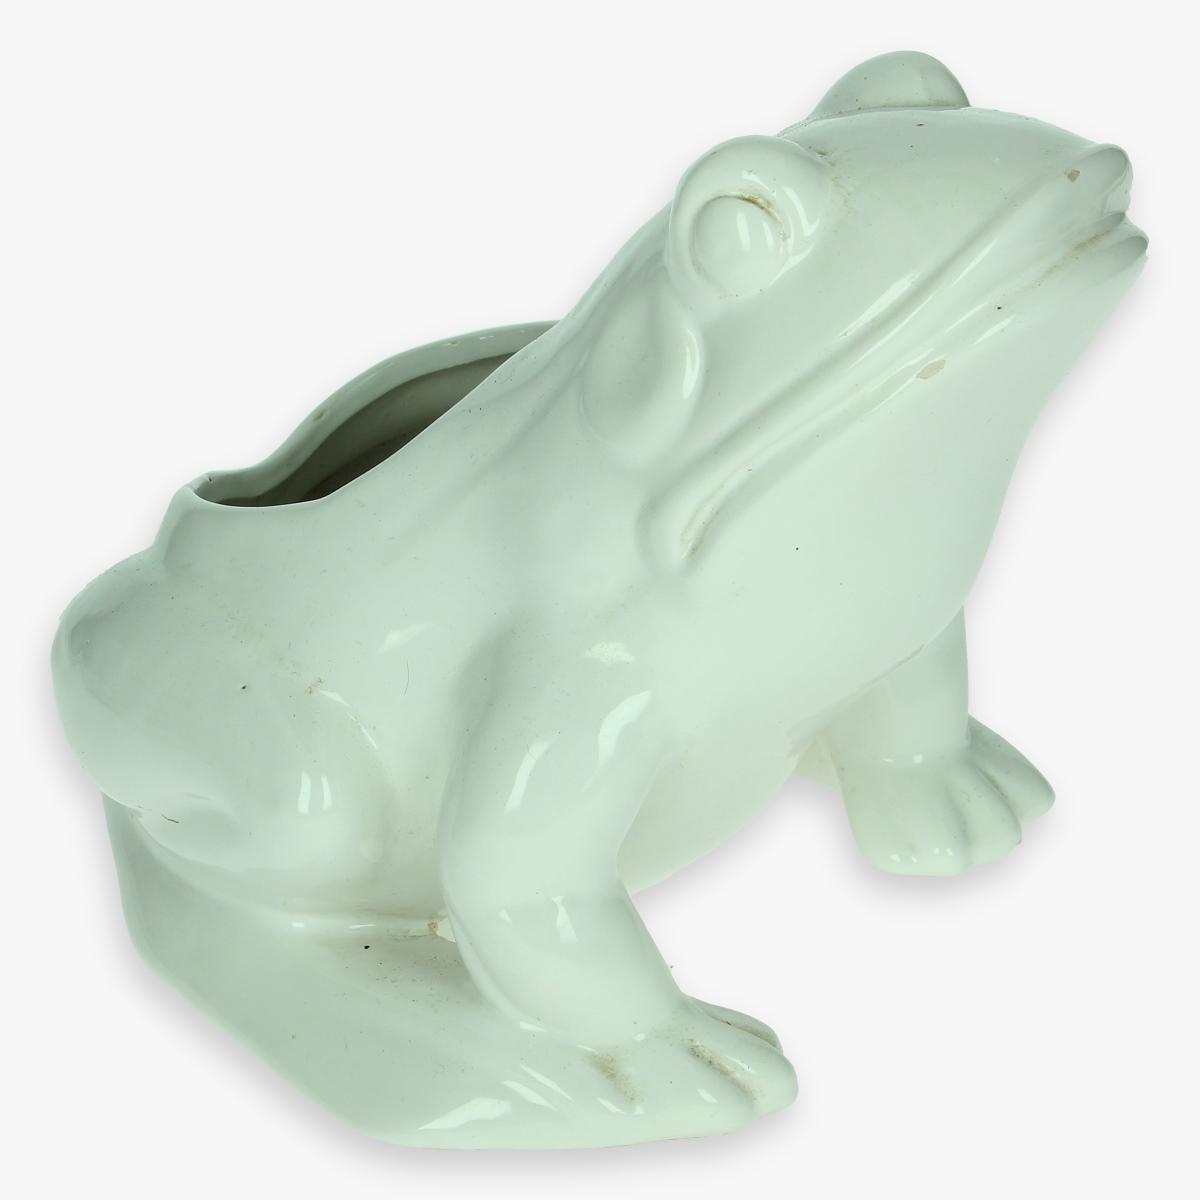 Afbeeldingen van porseleinen kikker -  bloempot